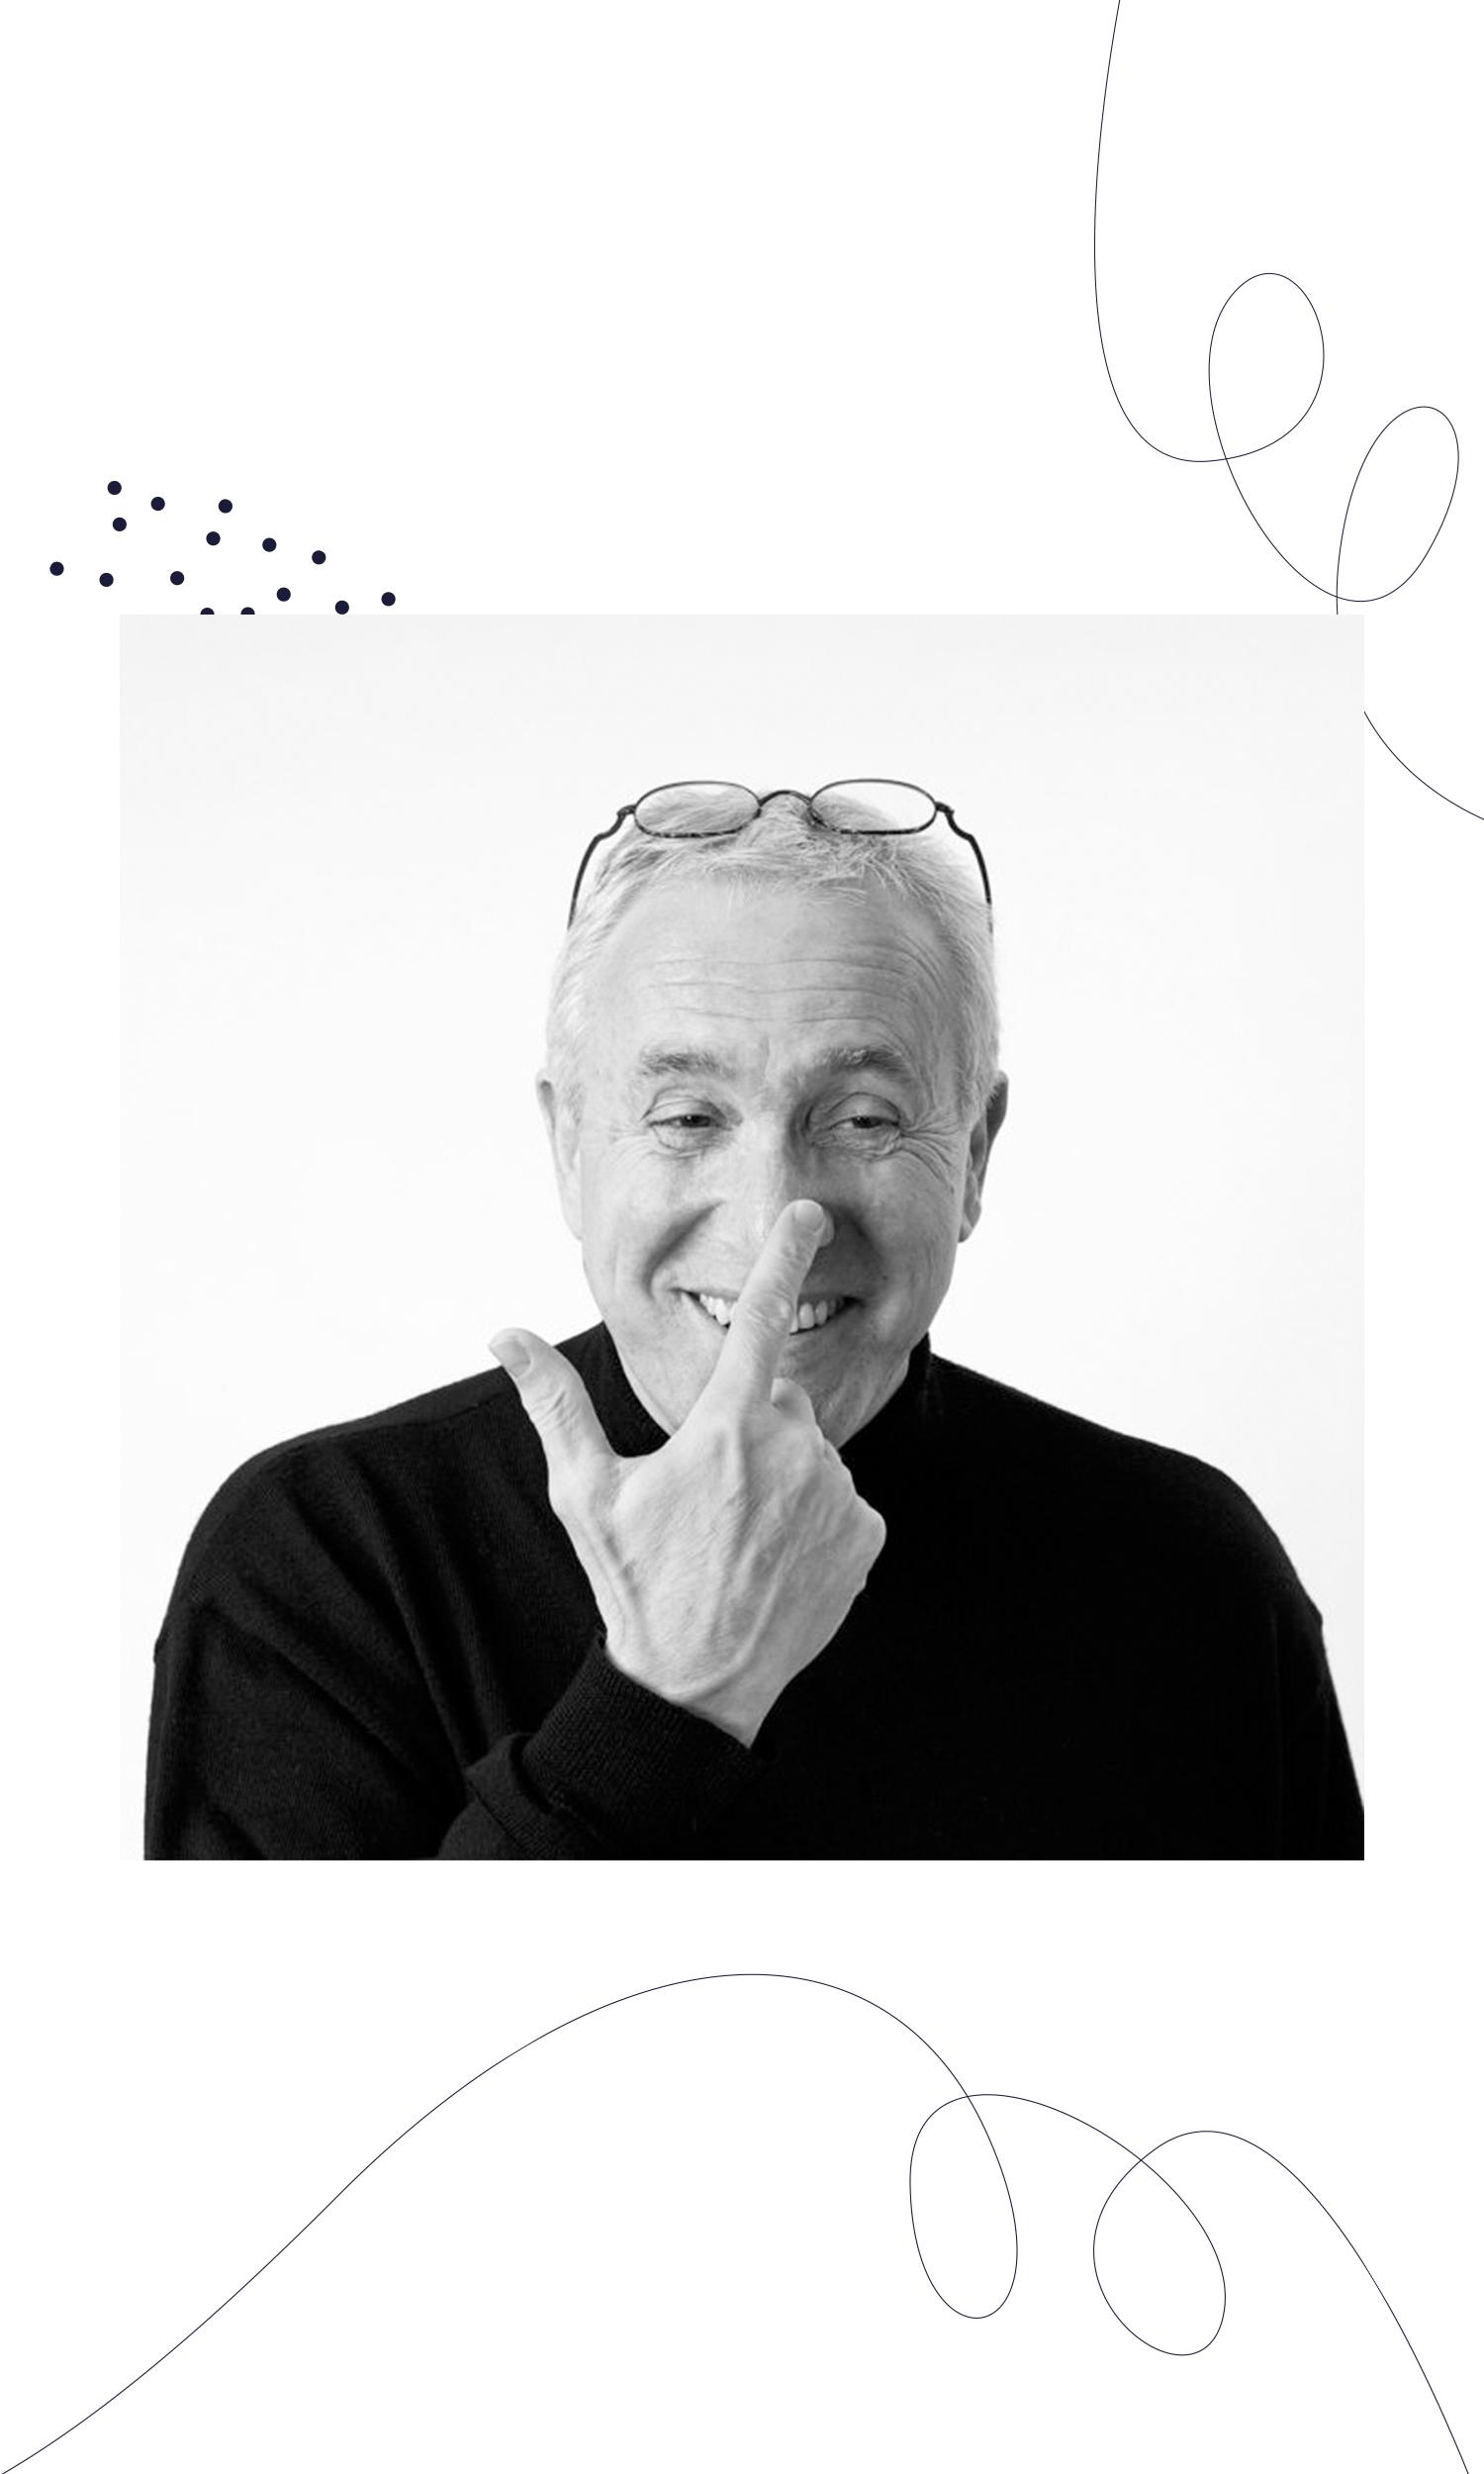 Tim Hurson - Tim Hurson este un expert global in inovatie si leadership creativ, care a ajutat companii Fortune 500 din Statele Unite, Canada, si Marea Britanie sa inoveze si sa creeze programe de transformare in marketing, dezvoltare de produse si cultura organizationala. Este director fondator al Facilitators without Borders, si co-fondator al Mindcamp — un eveniment dedicat antrenarii gandirii creative ce are loc in Canada, Chile si SUA. Tim este autorul a doua bestseller-uri de business— Think Better si Never be closing.